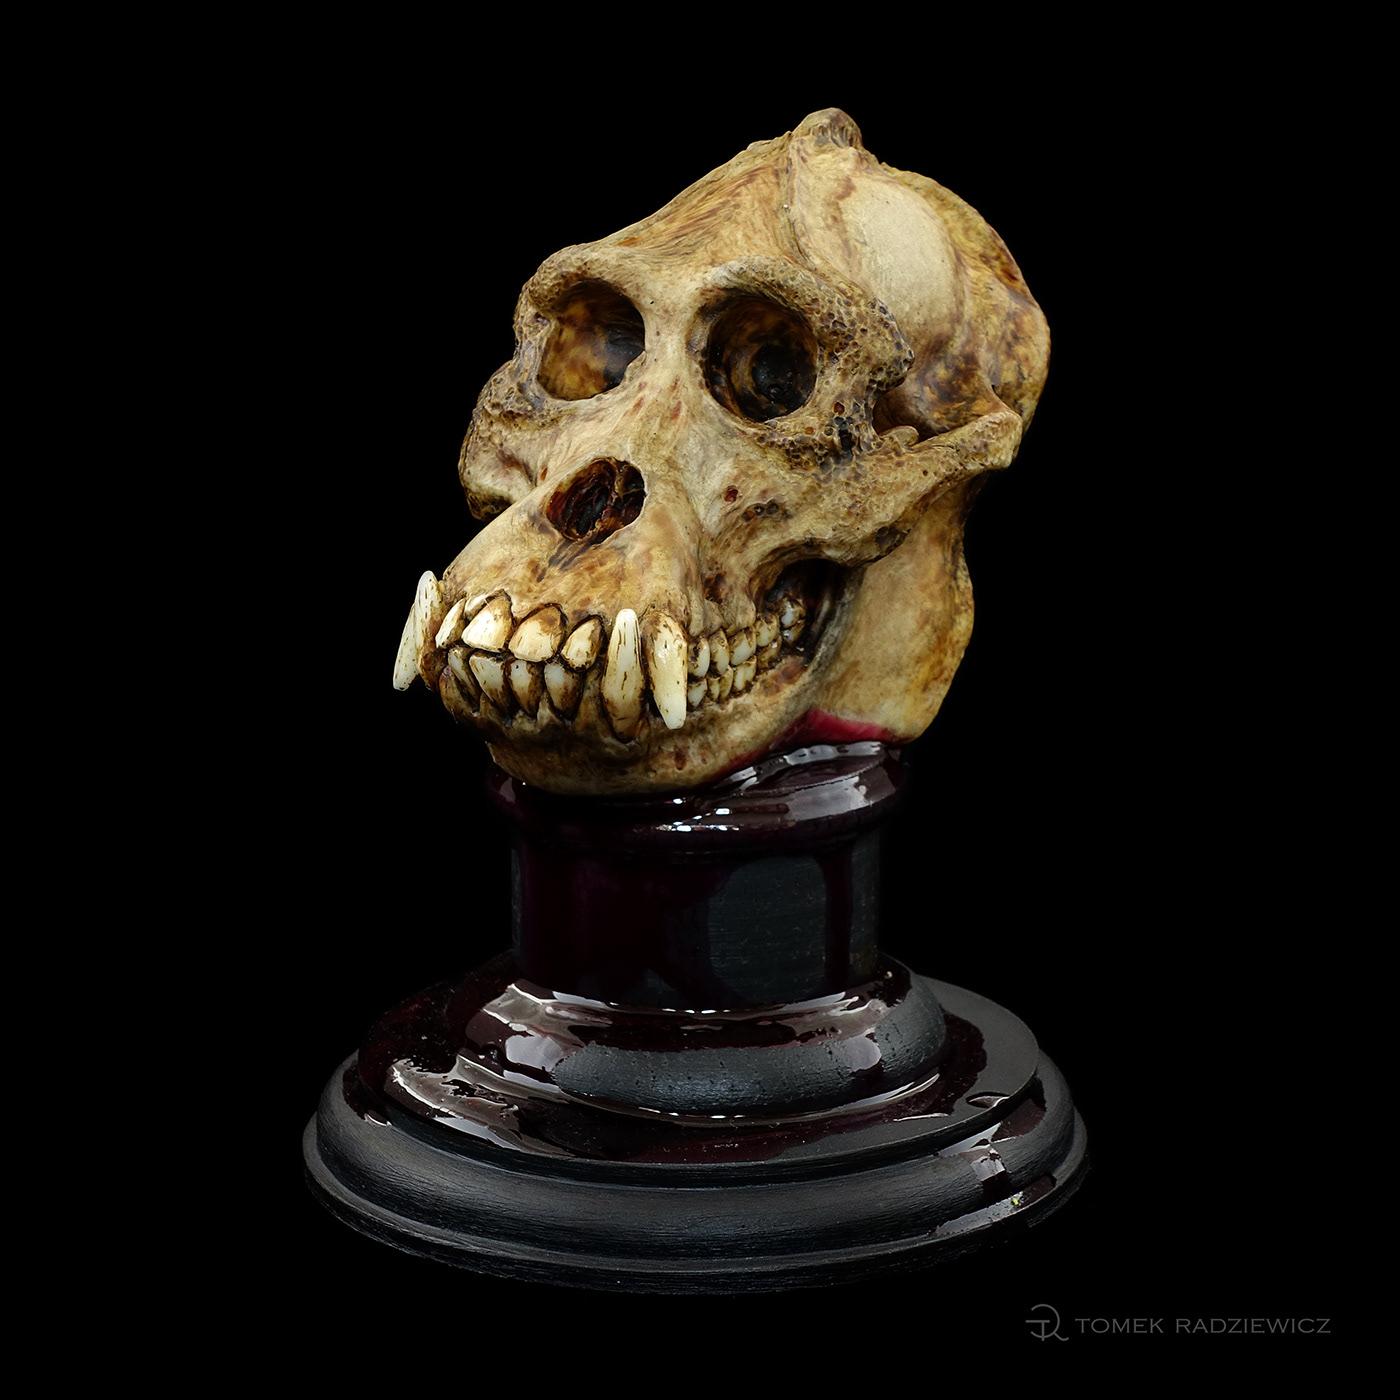 characterdesign orangutan sculpture skull